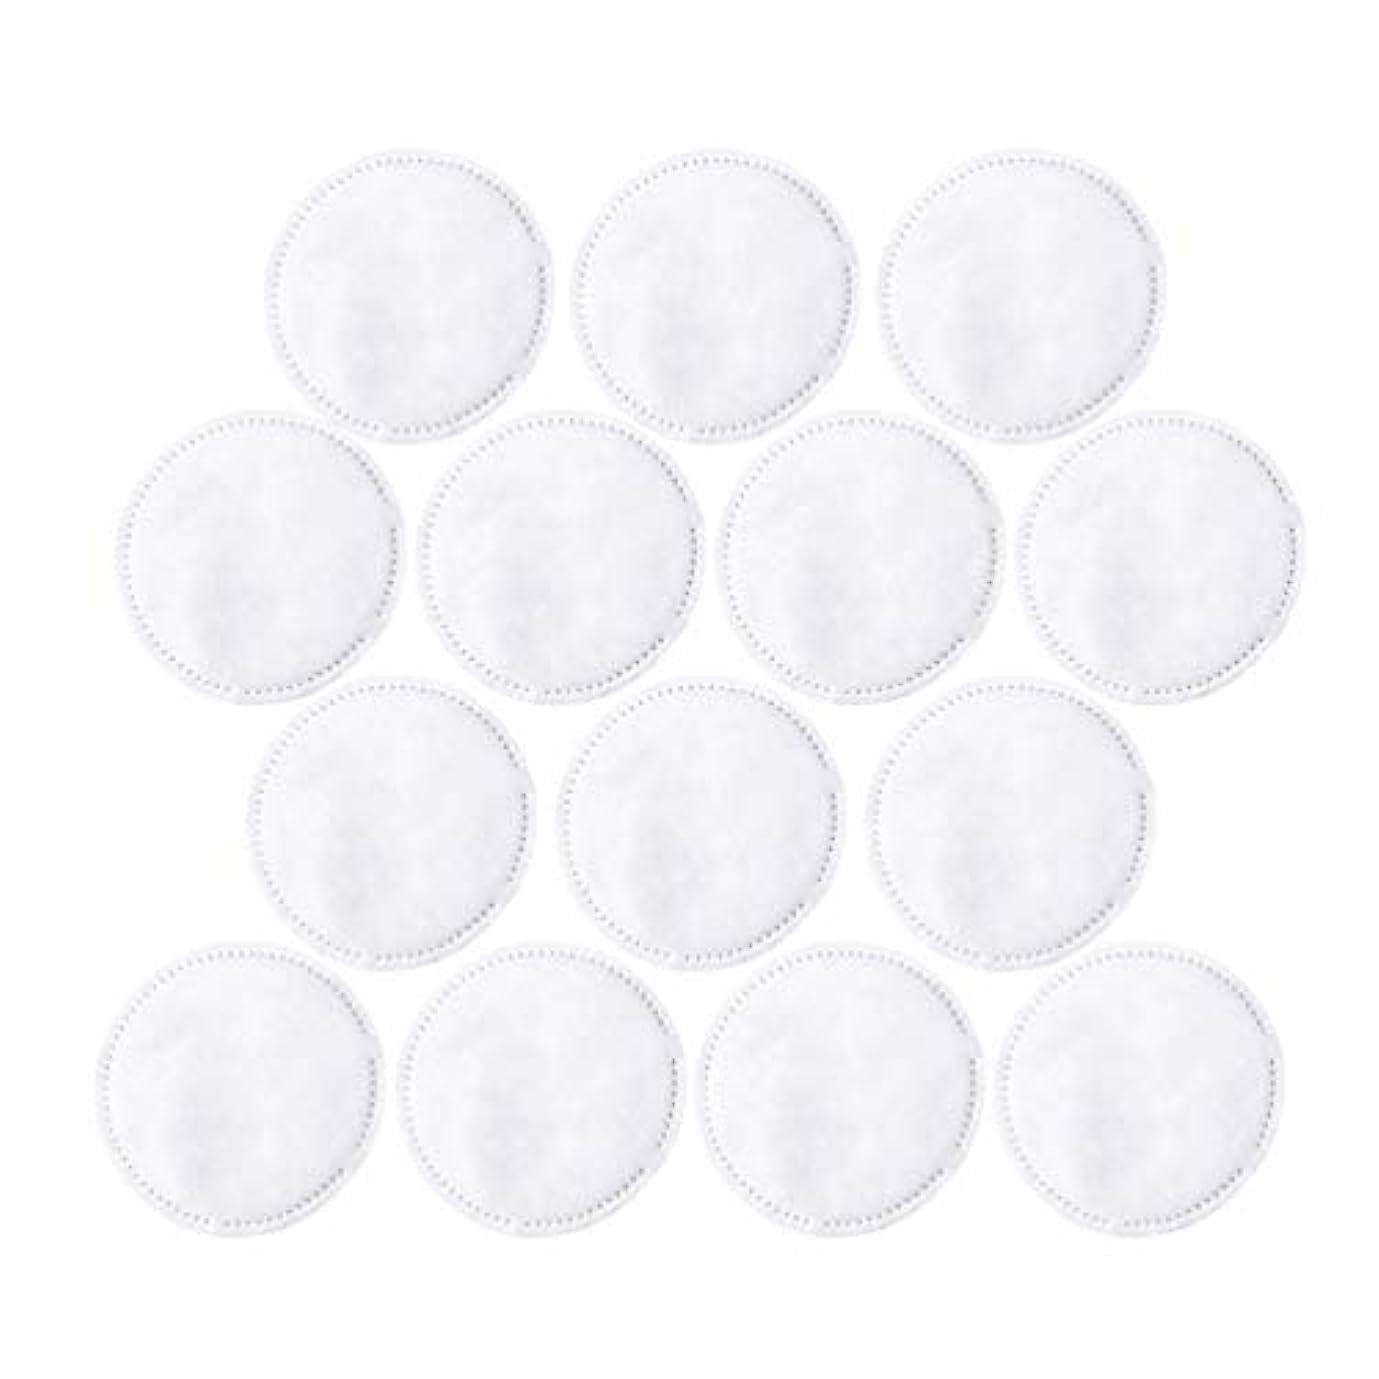 耐久錫無駄なFrcolor コットンパフ 化粧コットン コットンパッド 3層 ラウンド 丸型 メイク落とし用 フェイスメイク用 フェイシャル 300枚セット(ホワイト)